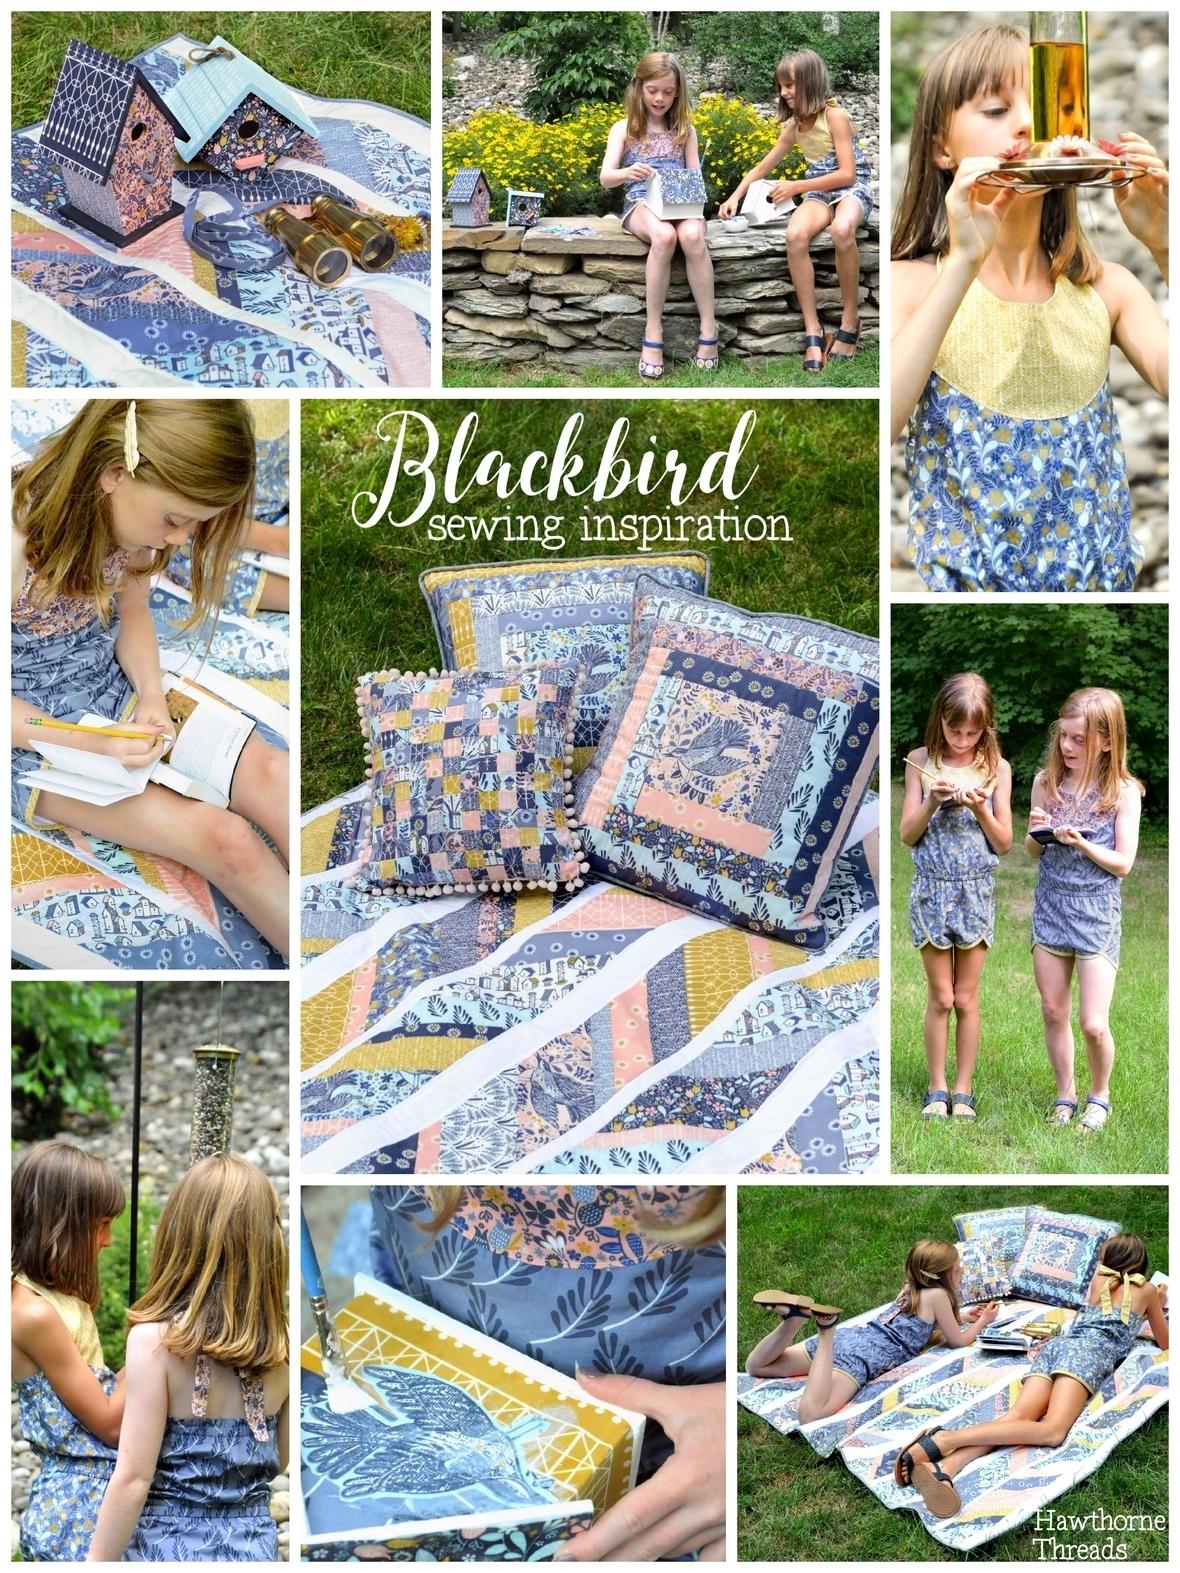 Blackbird Sewing Inspiration